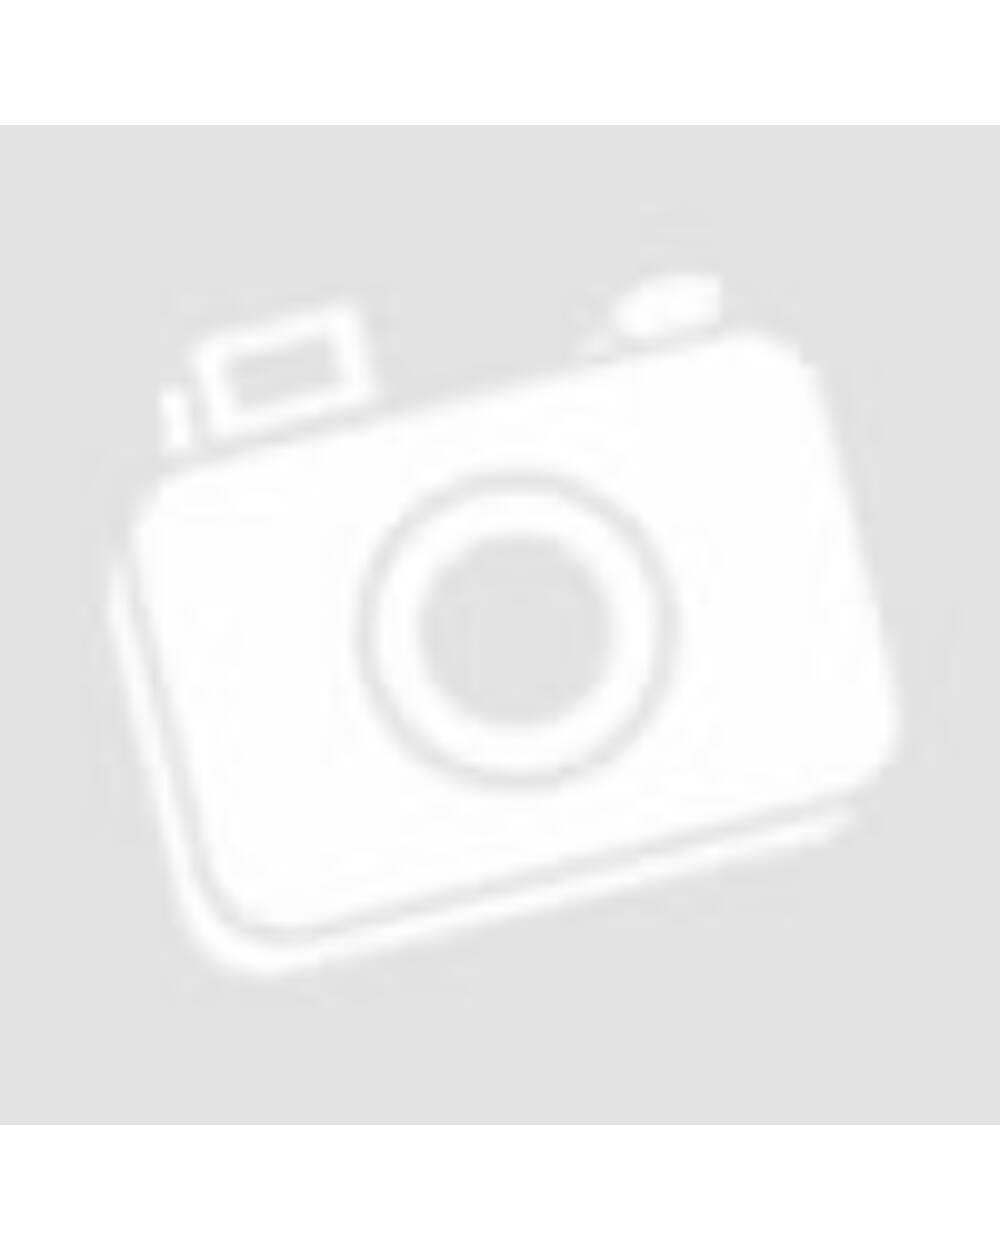 Level Glove Lucky gyerek síkesztyű, citromsárga, 4-5 éves